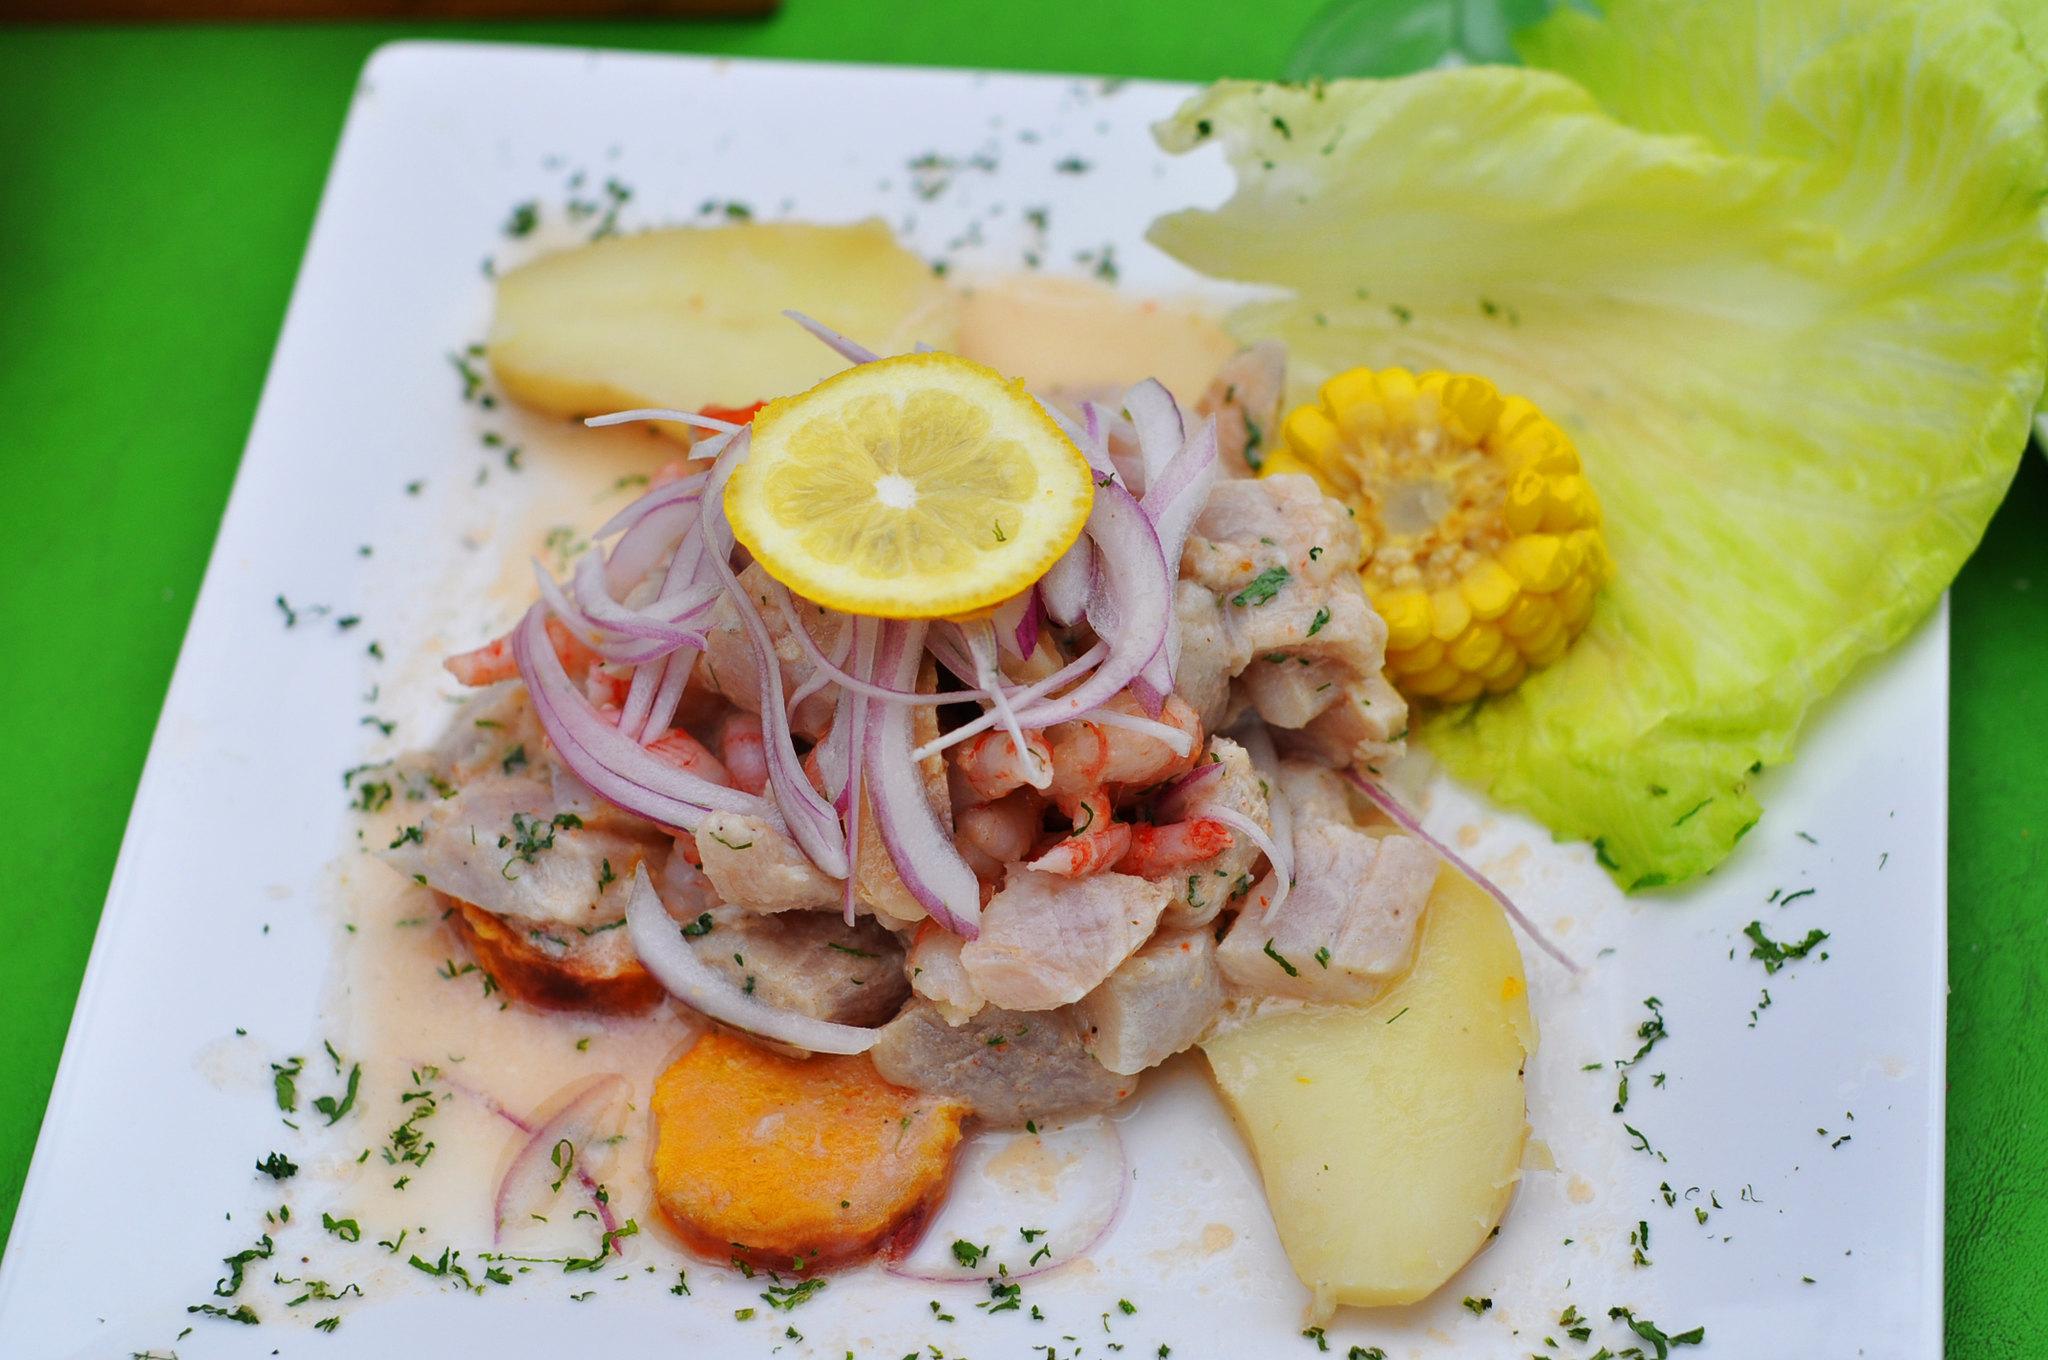 Best Local Food in Peru